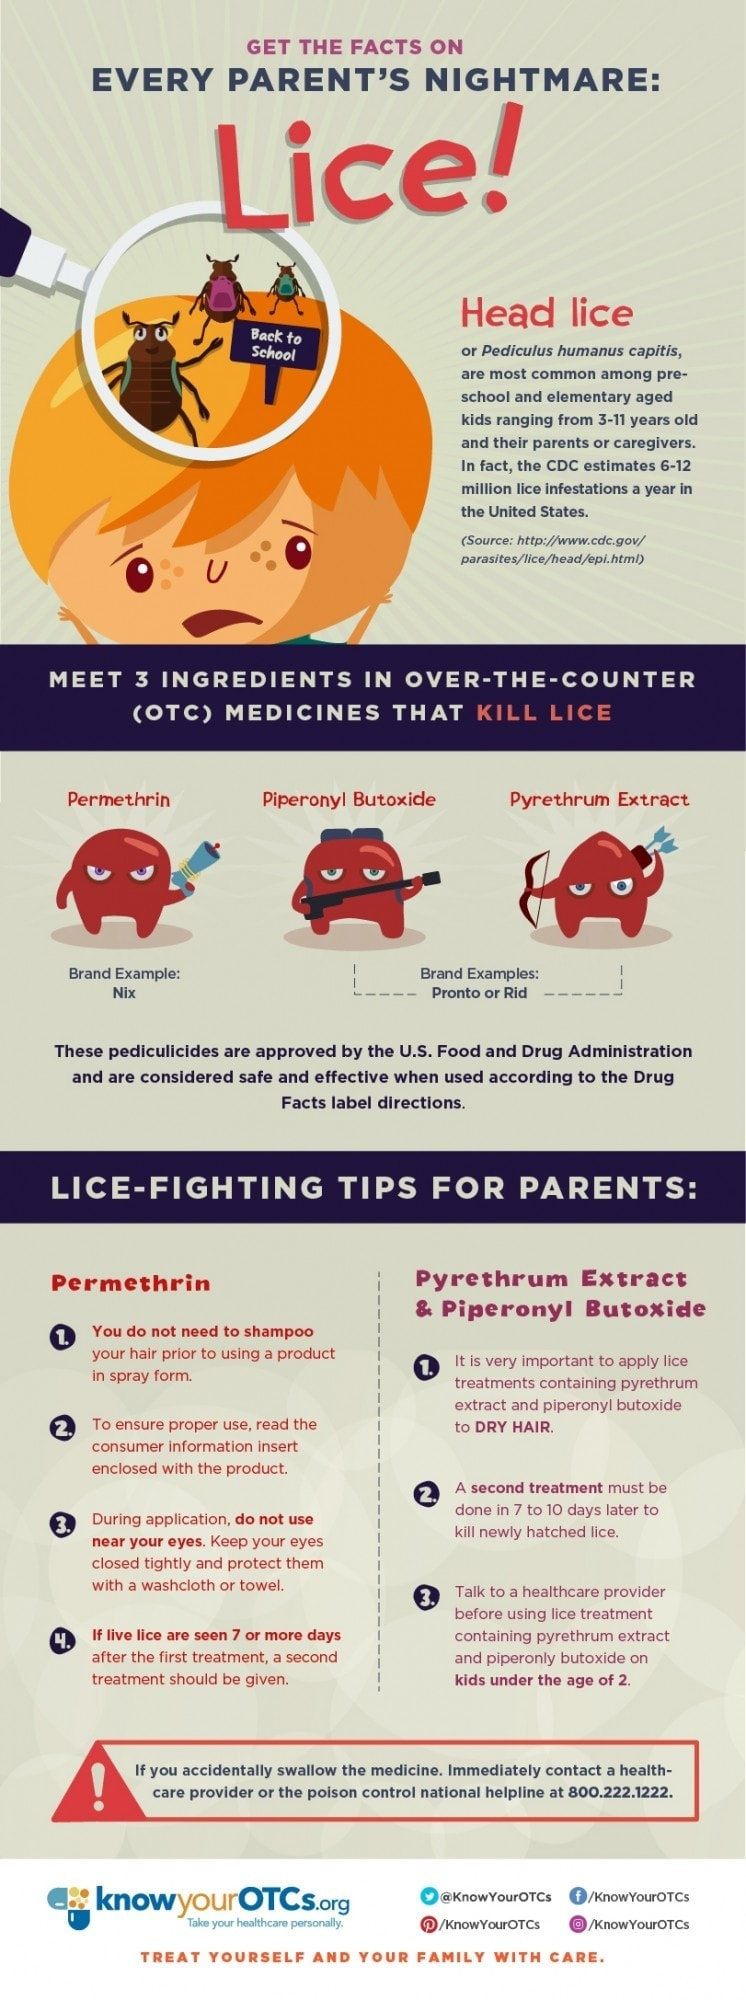 Lice nightmare